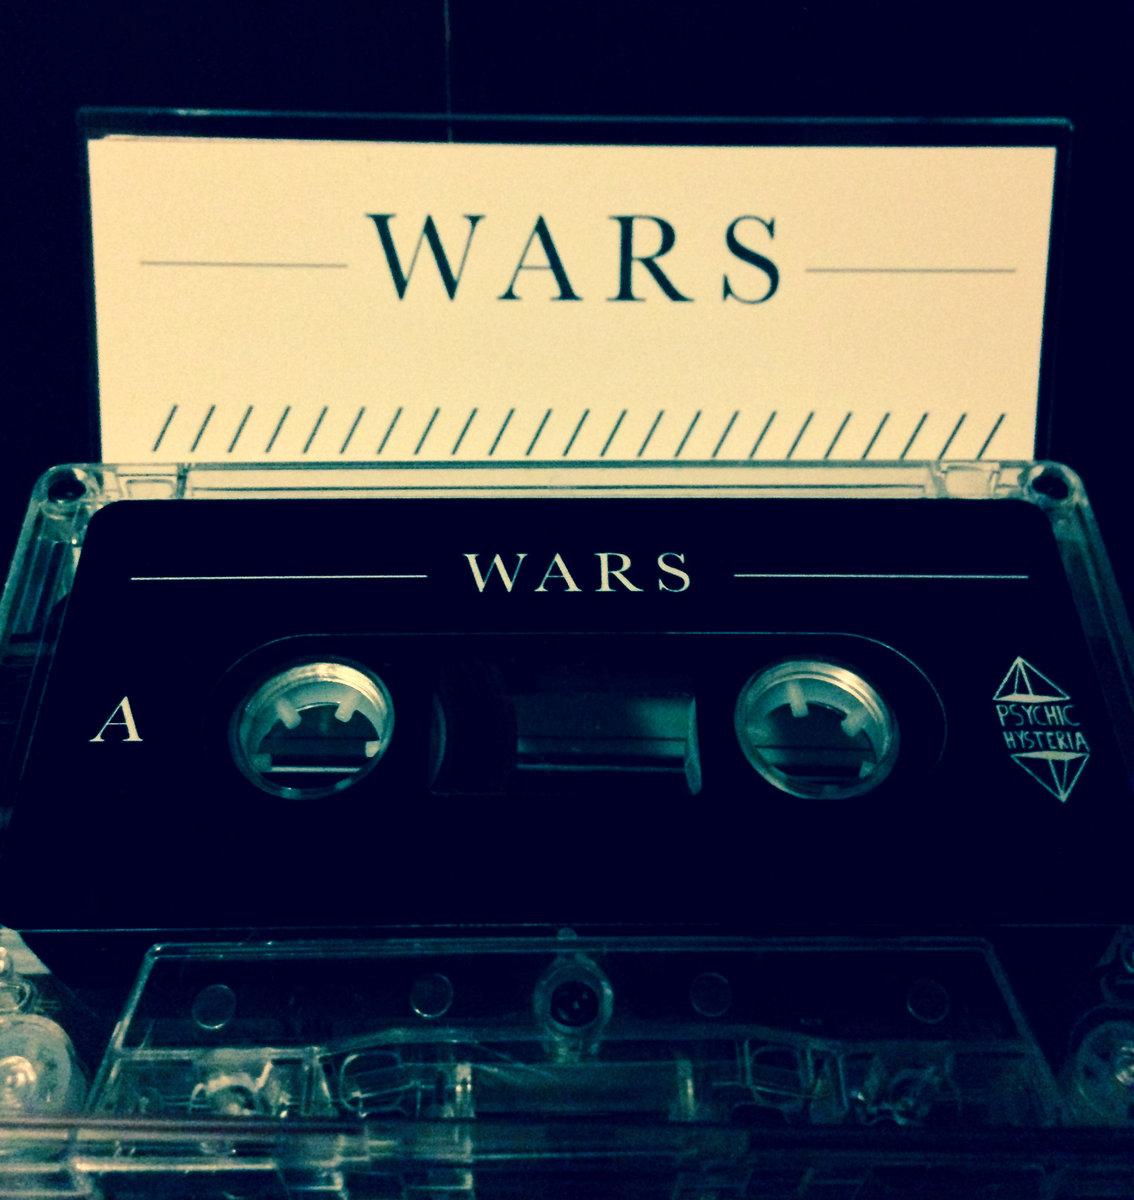 Войны войны скачать mp3 бесплатно